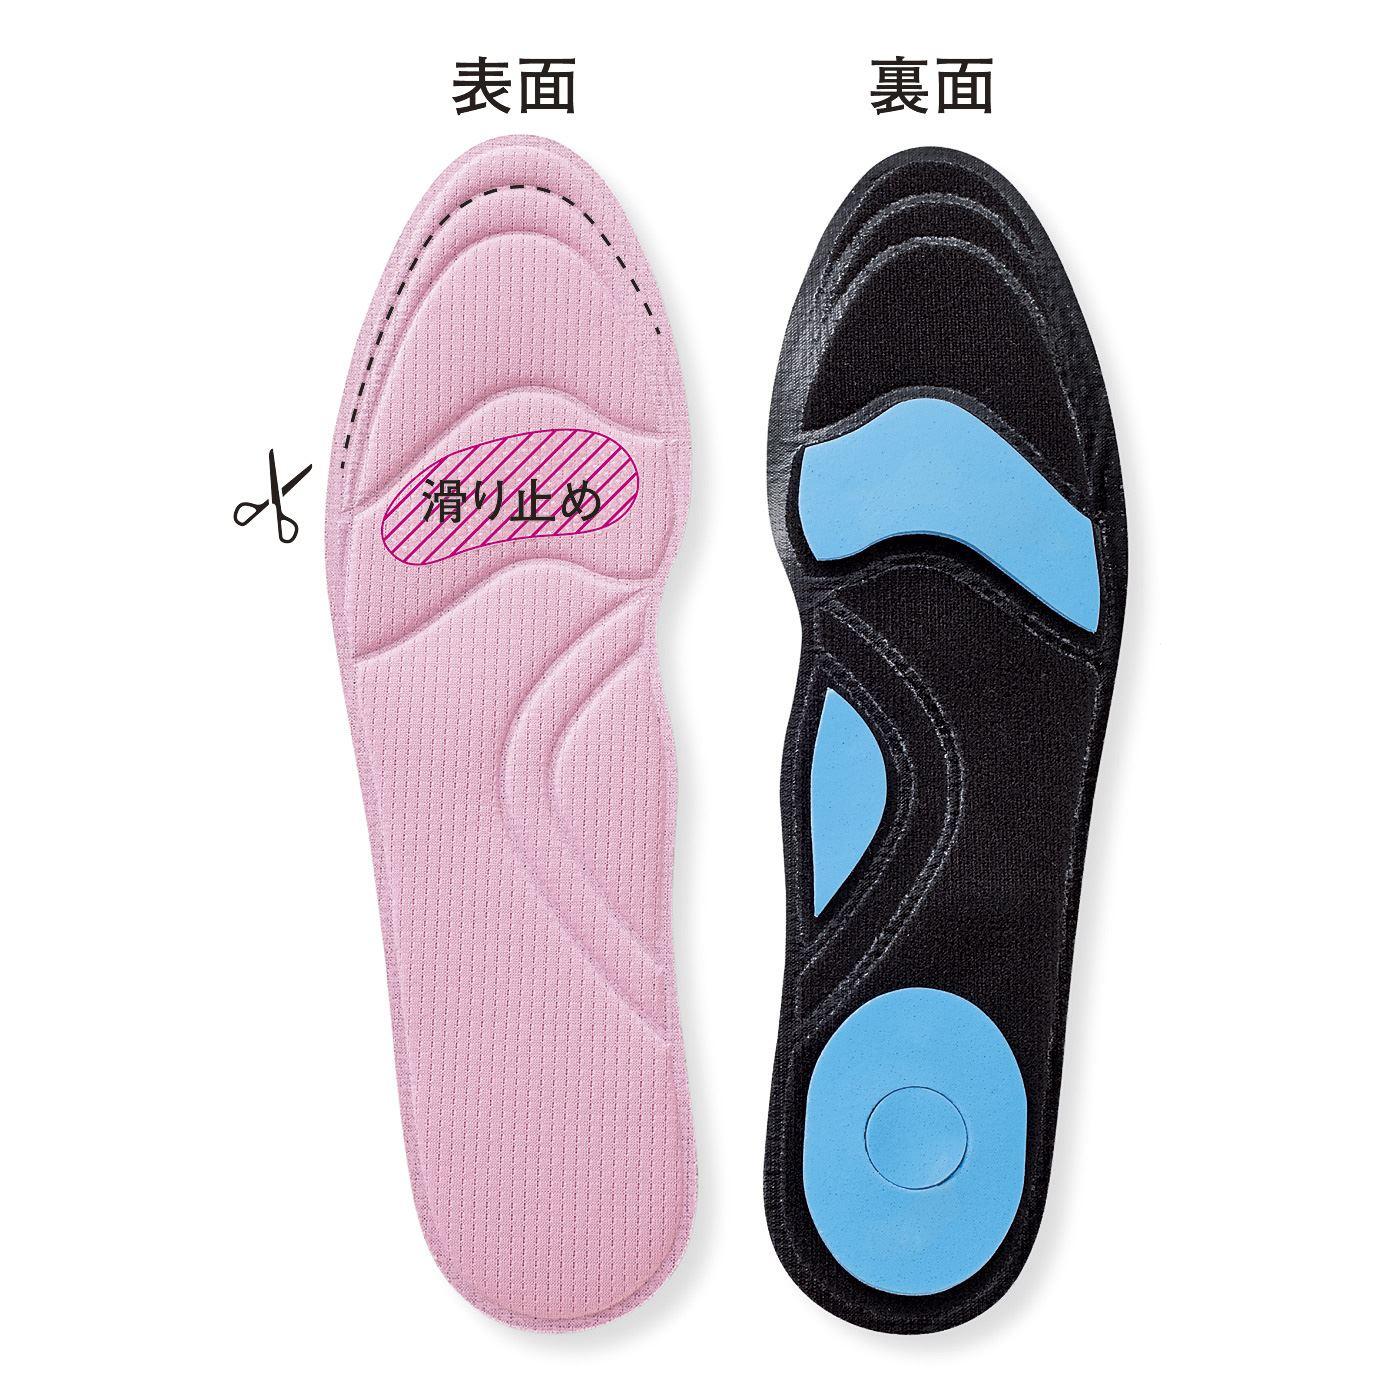 足の負担軽減:体重が掛かるつま先とかかとの衝撃を緩和。土踏まずのクッションでアーチを支えます。